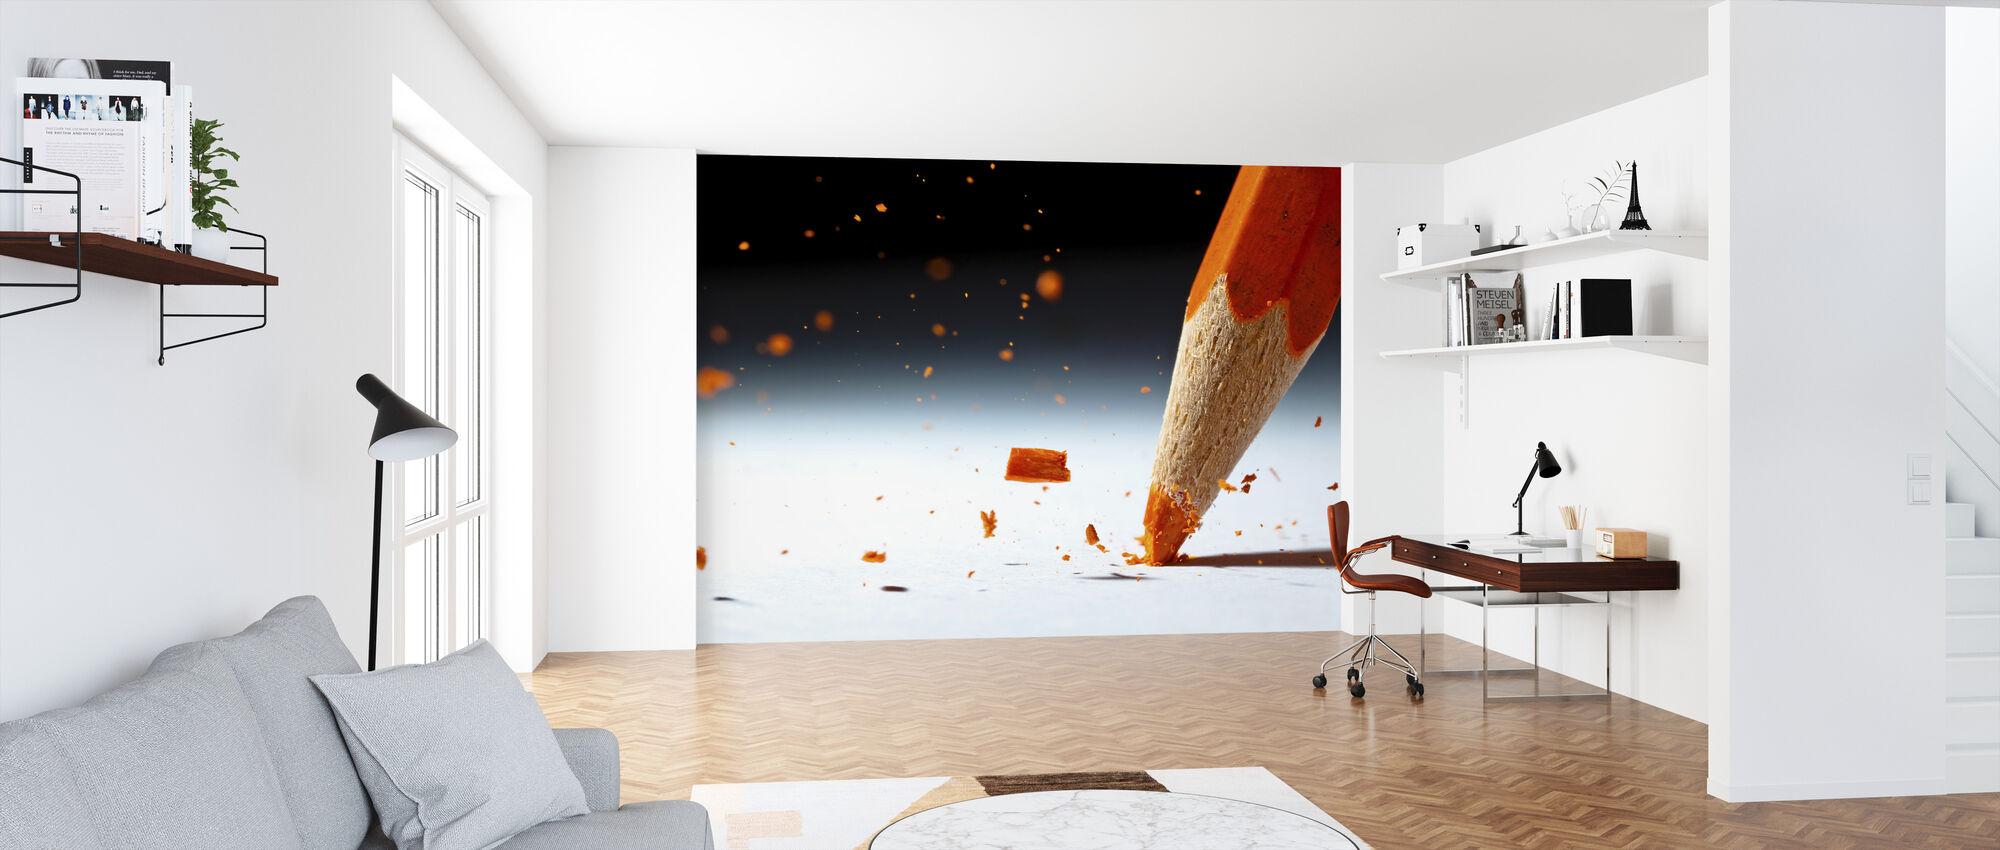 Let it Rain - Wallpaper - Office